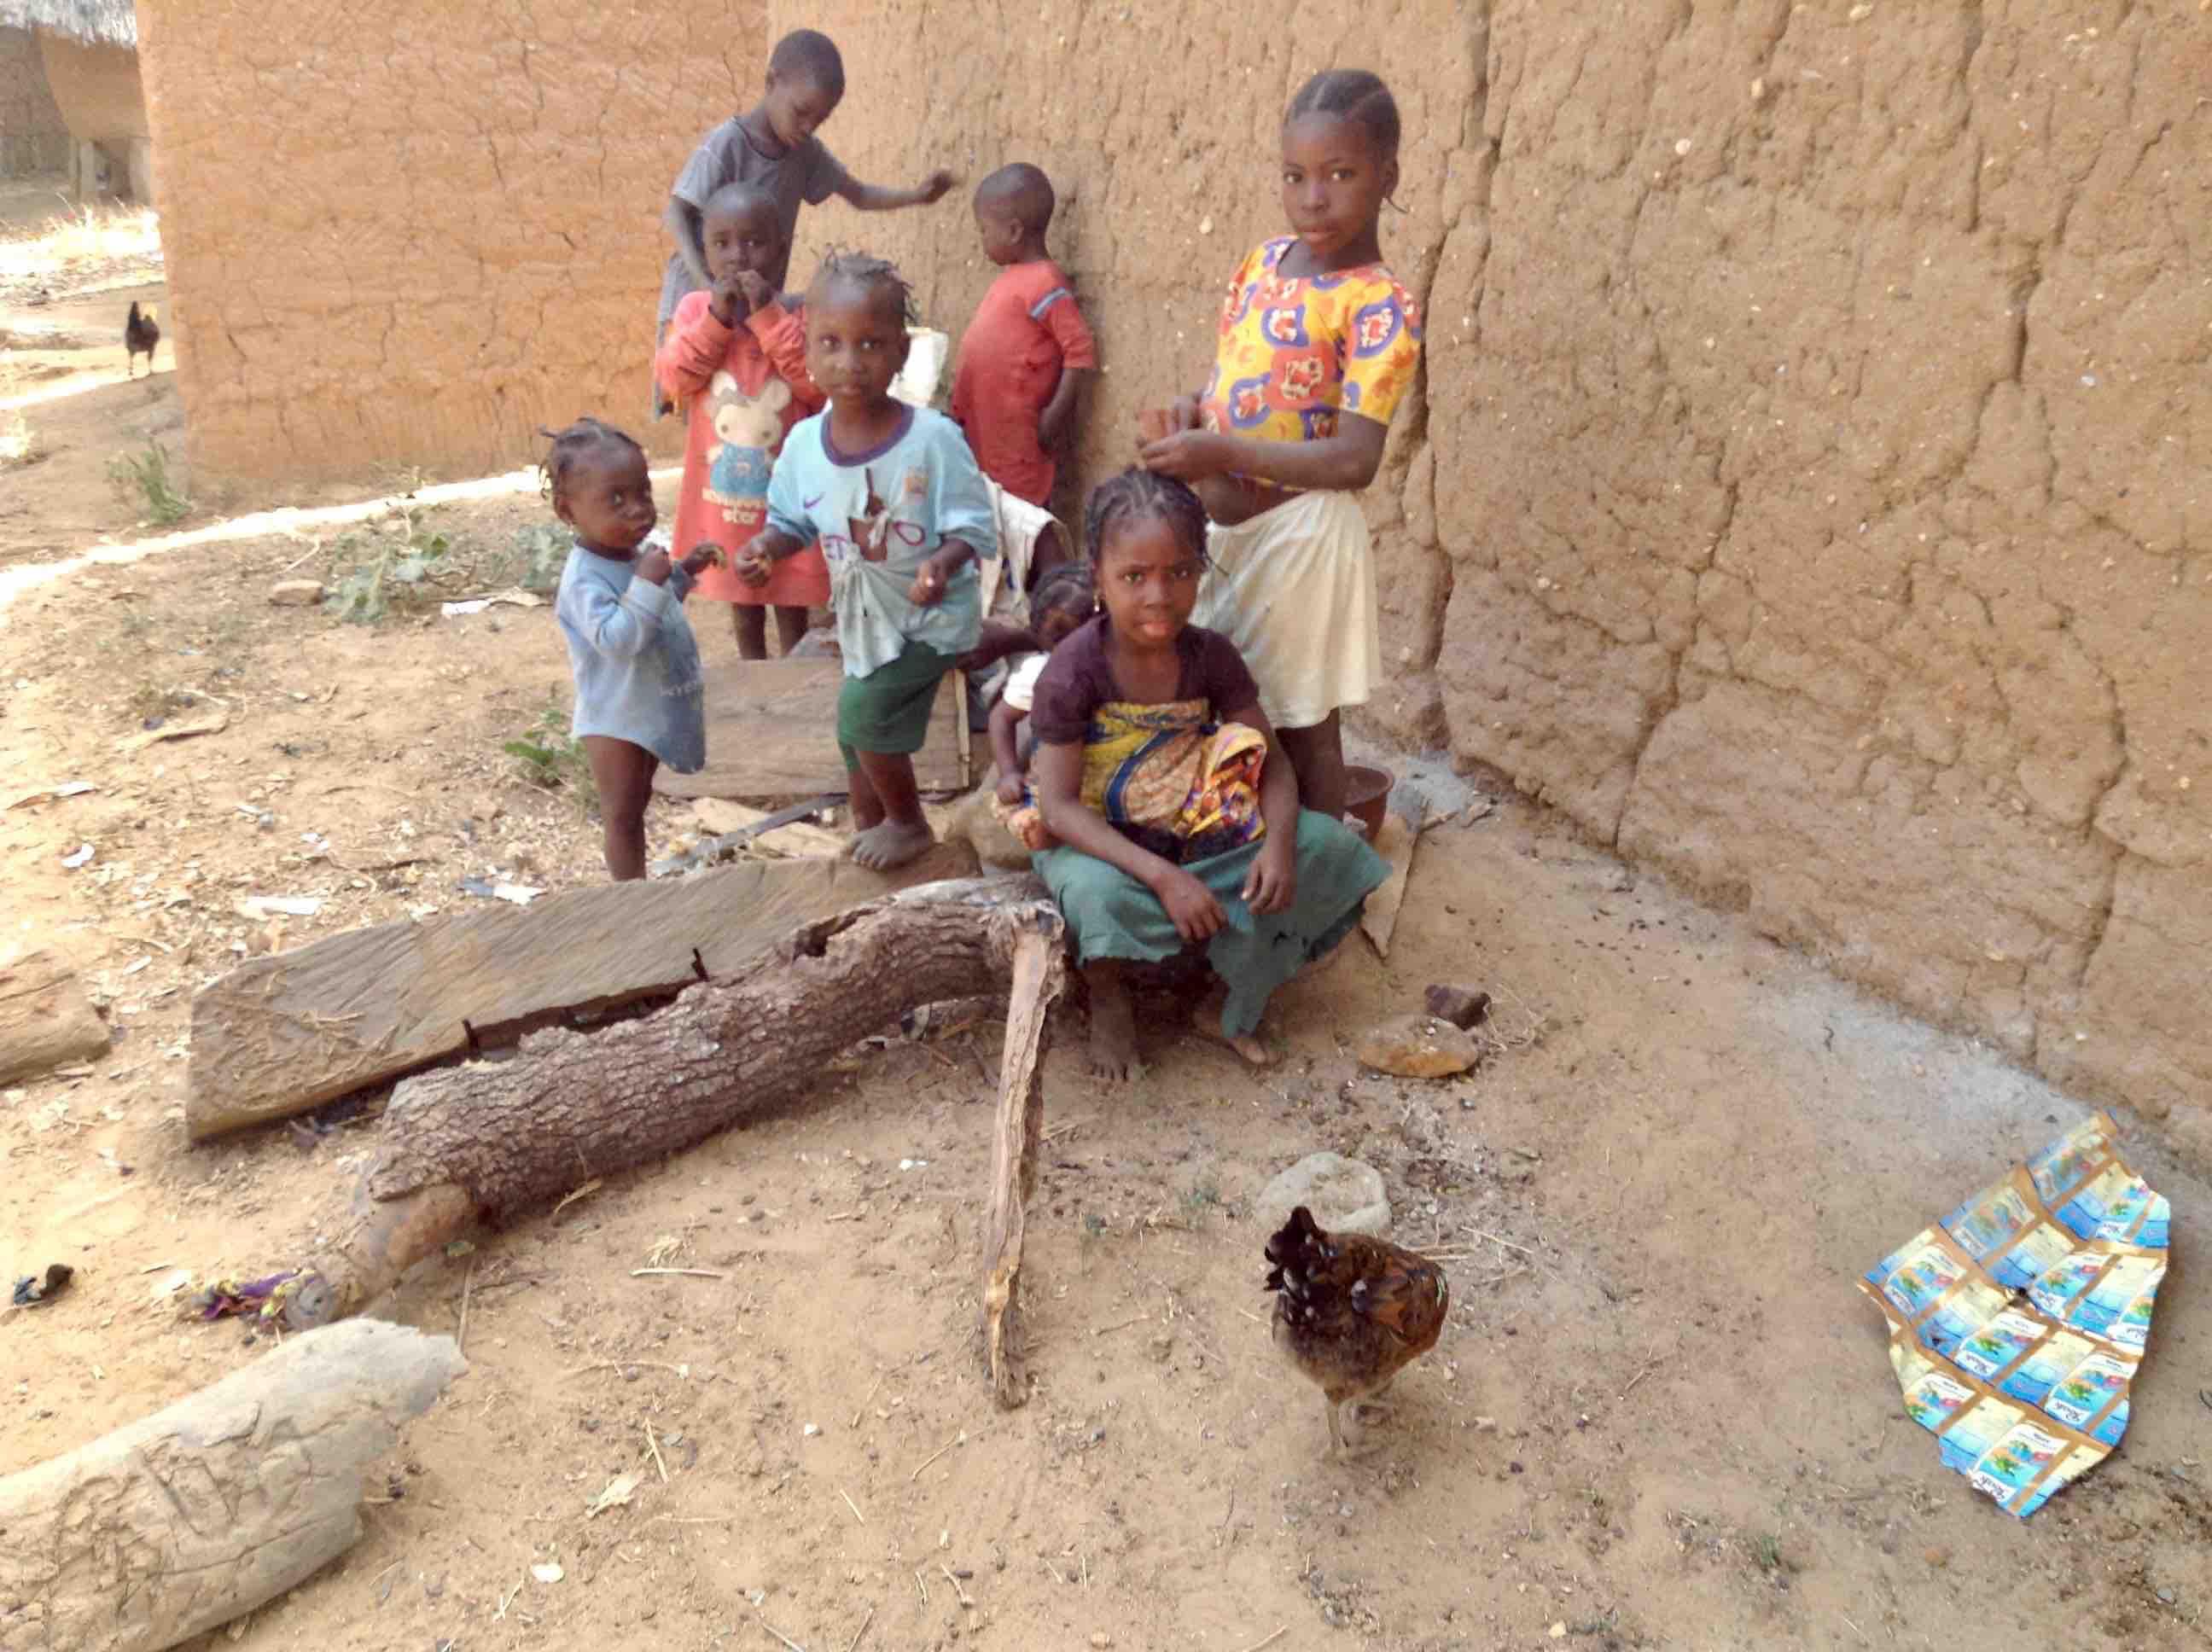 Langa Langa Village Children, Langa Langa Village, Nasarawa State, Nigeria #JujuFilms